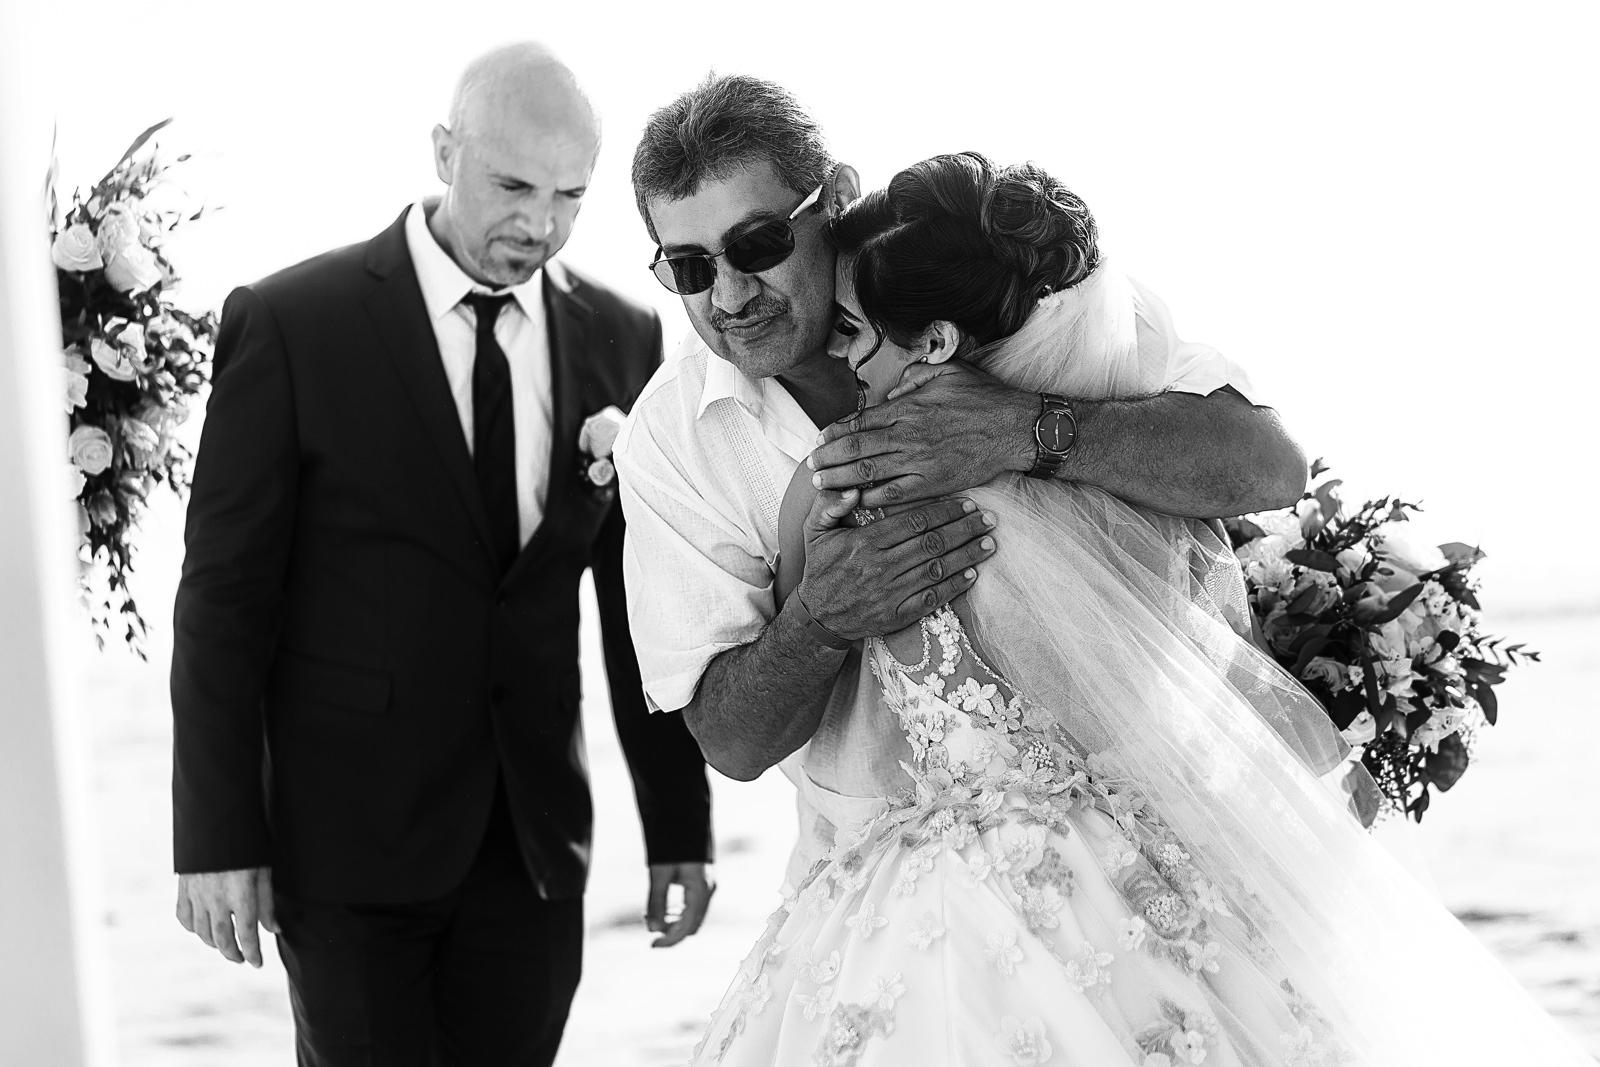 Papá de la novia abraza a su hija al entregarla en el comienzo de la ceremonia de su boda en la playa